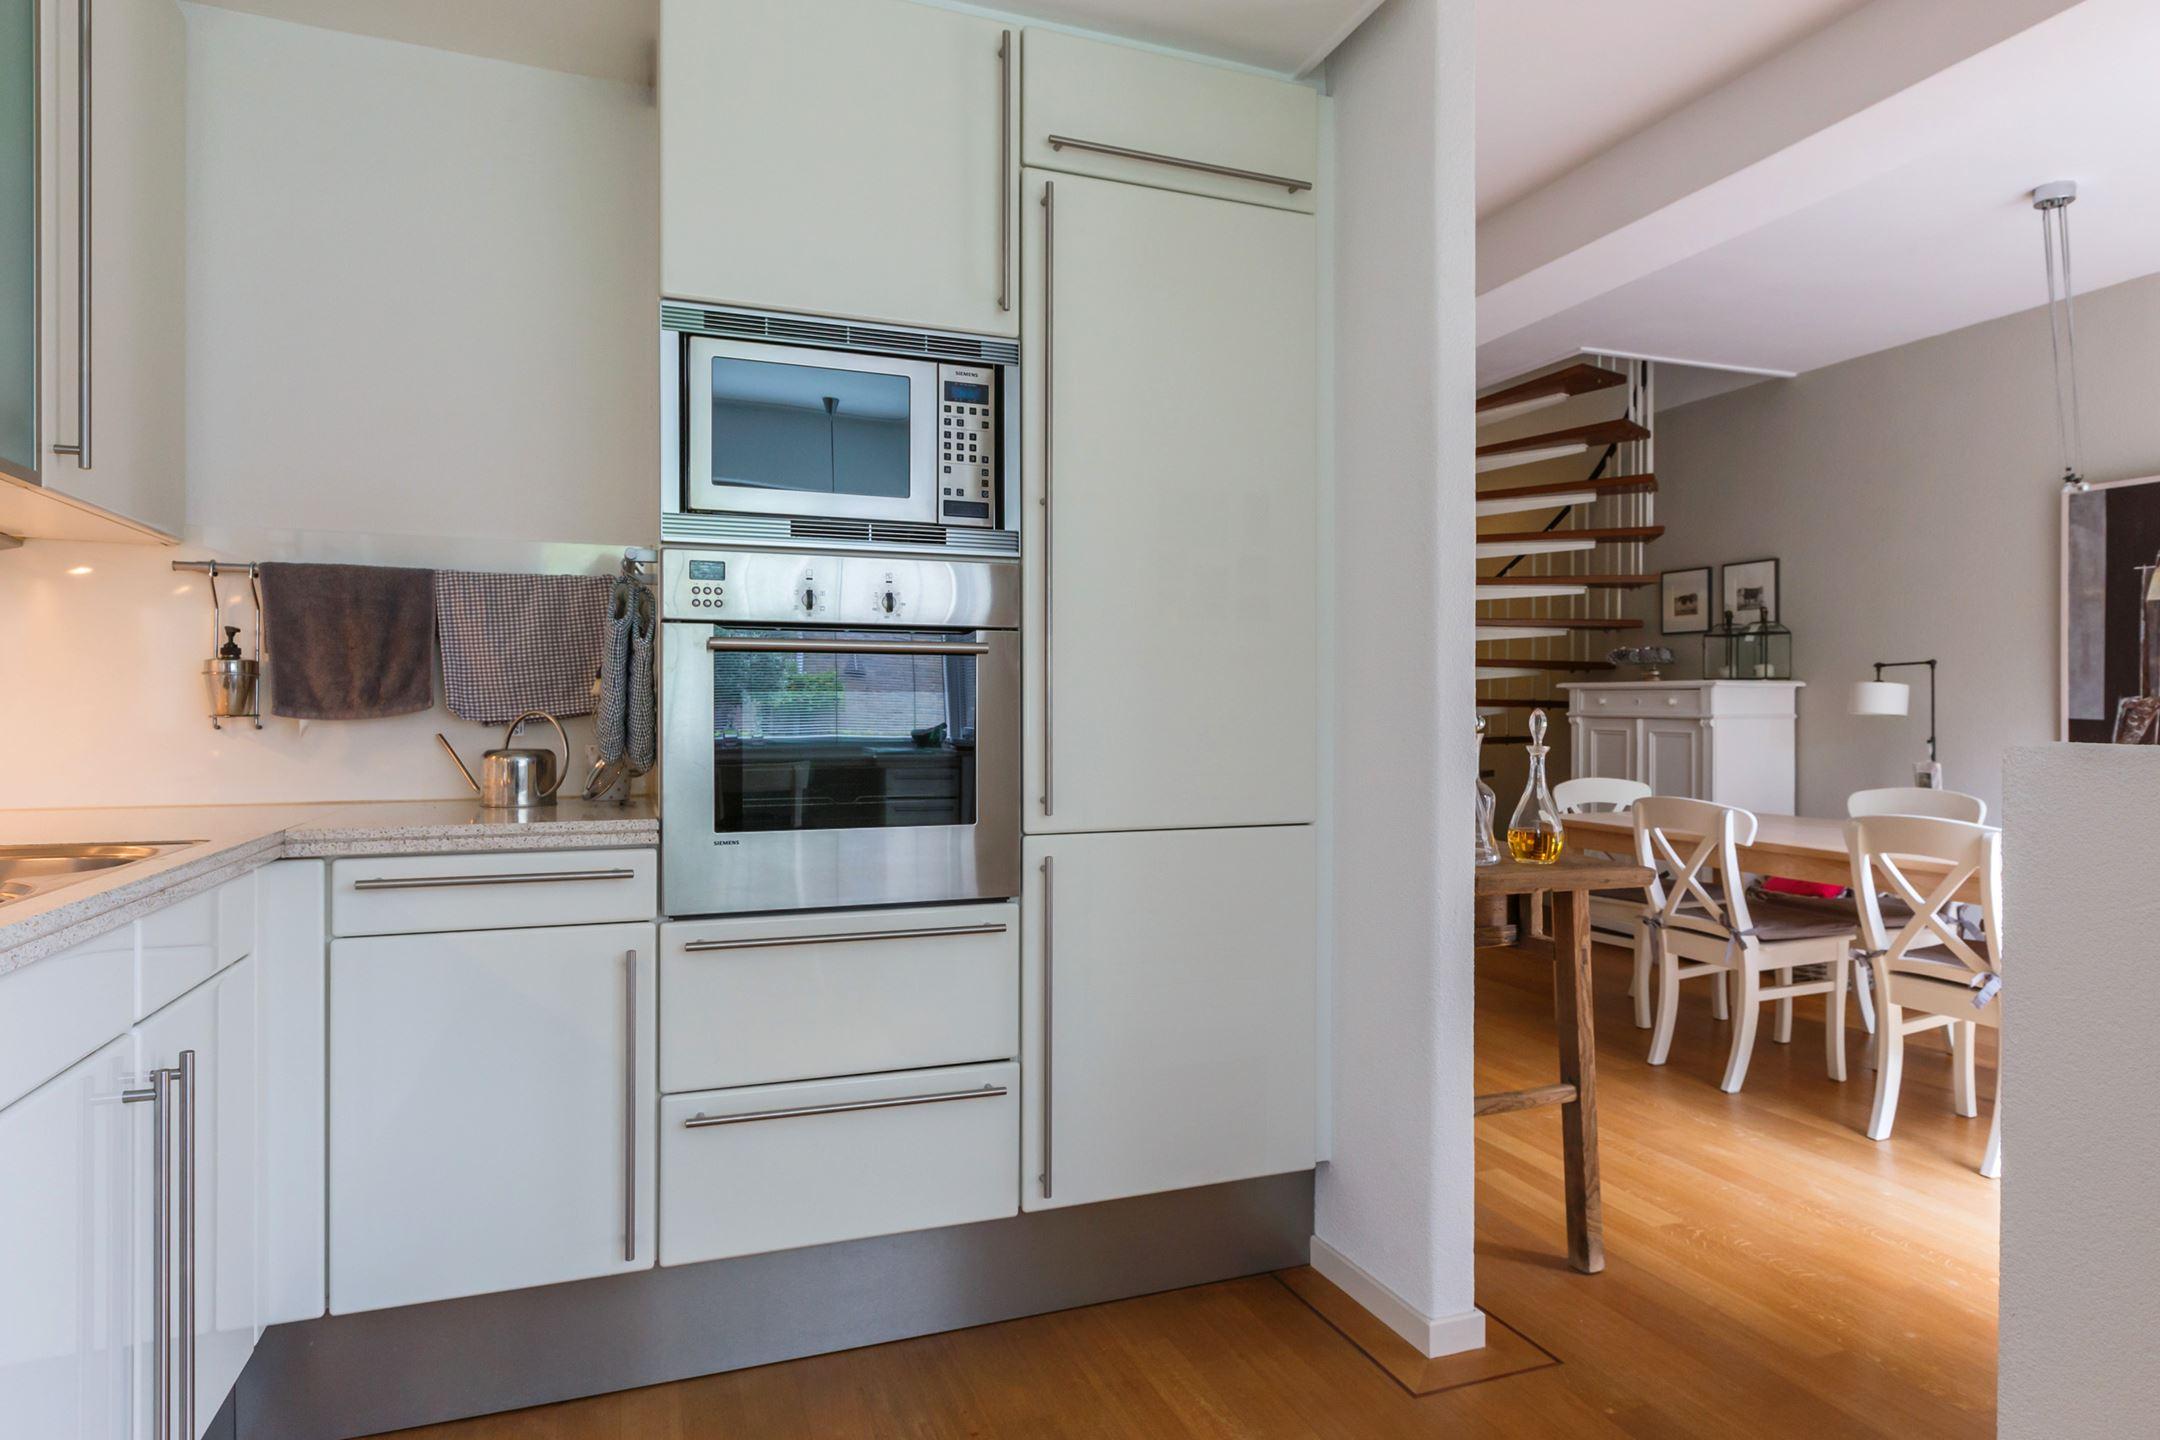 Huis te koop: Groenoord 273 2401 AS Alphen aan den Rijn [funda]